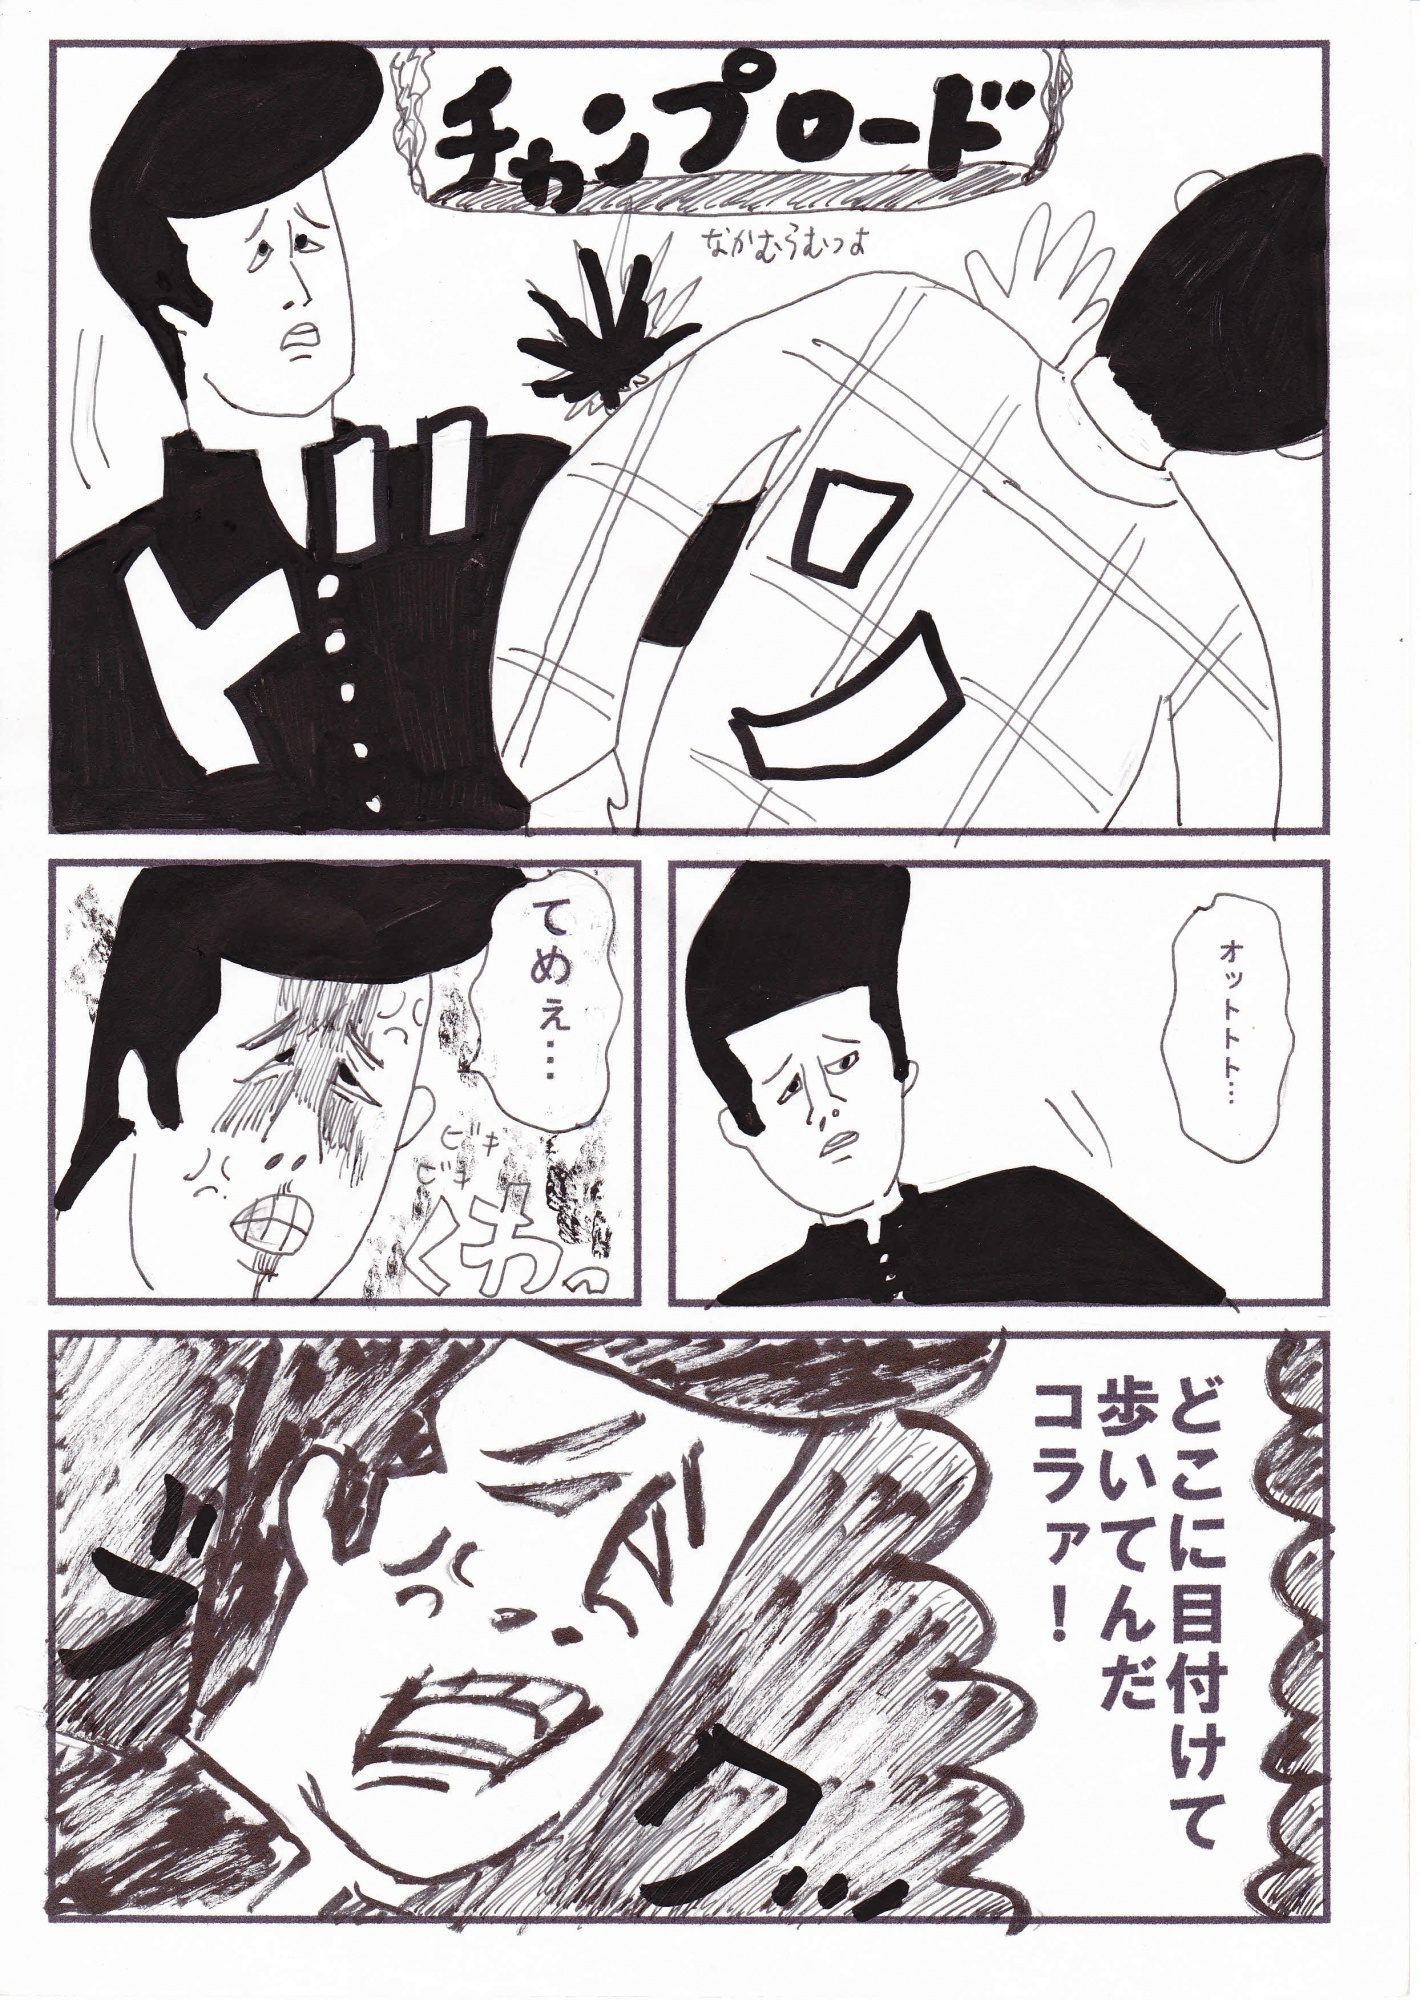 中村むつおのWEB漫画第六回「チャンプロード」